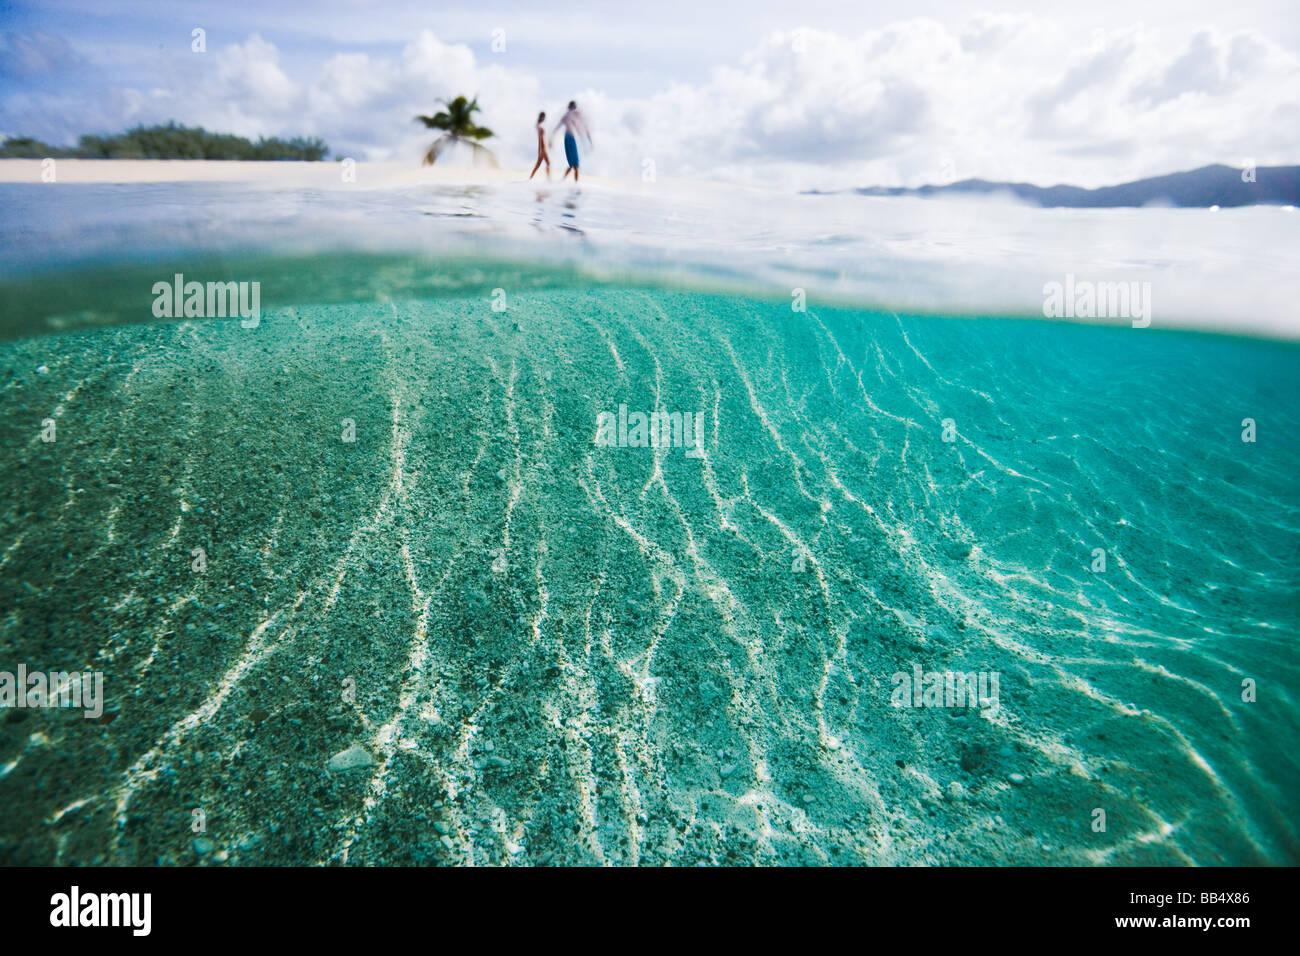 paar auf Sandy Spit Island Strand entlang spazieren Stockbild